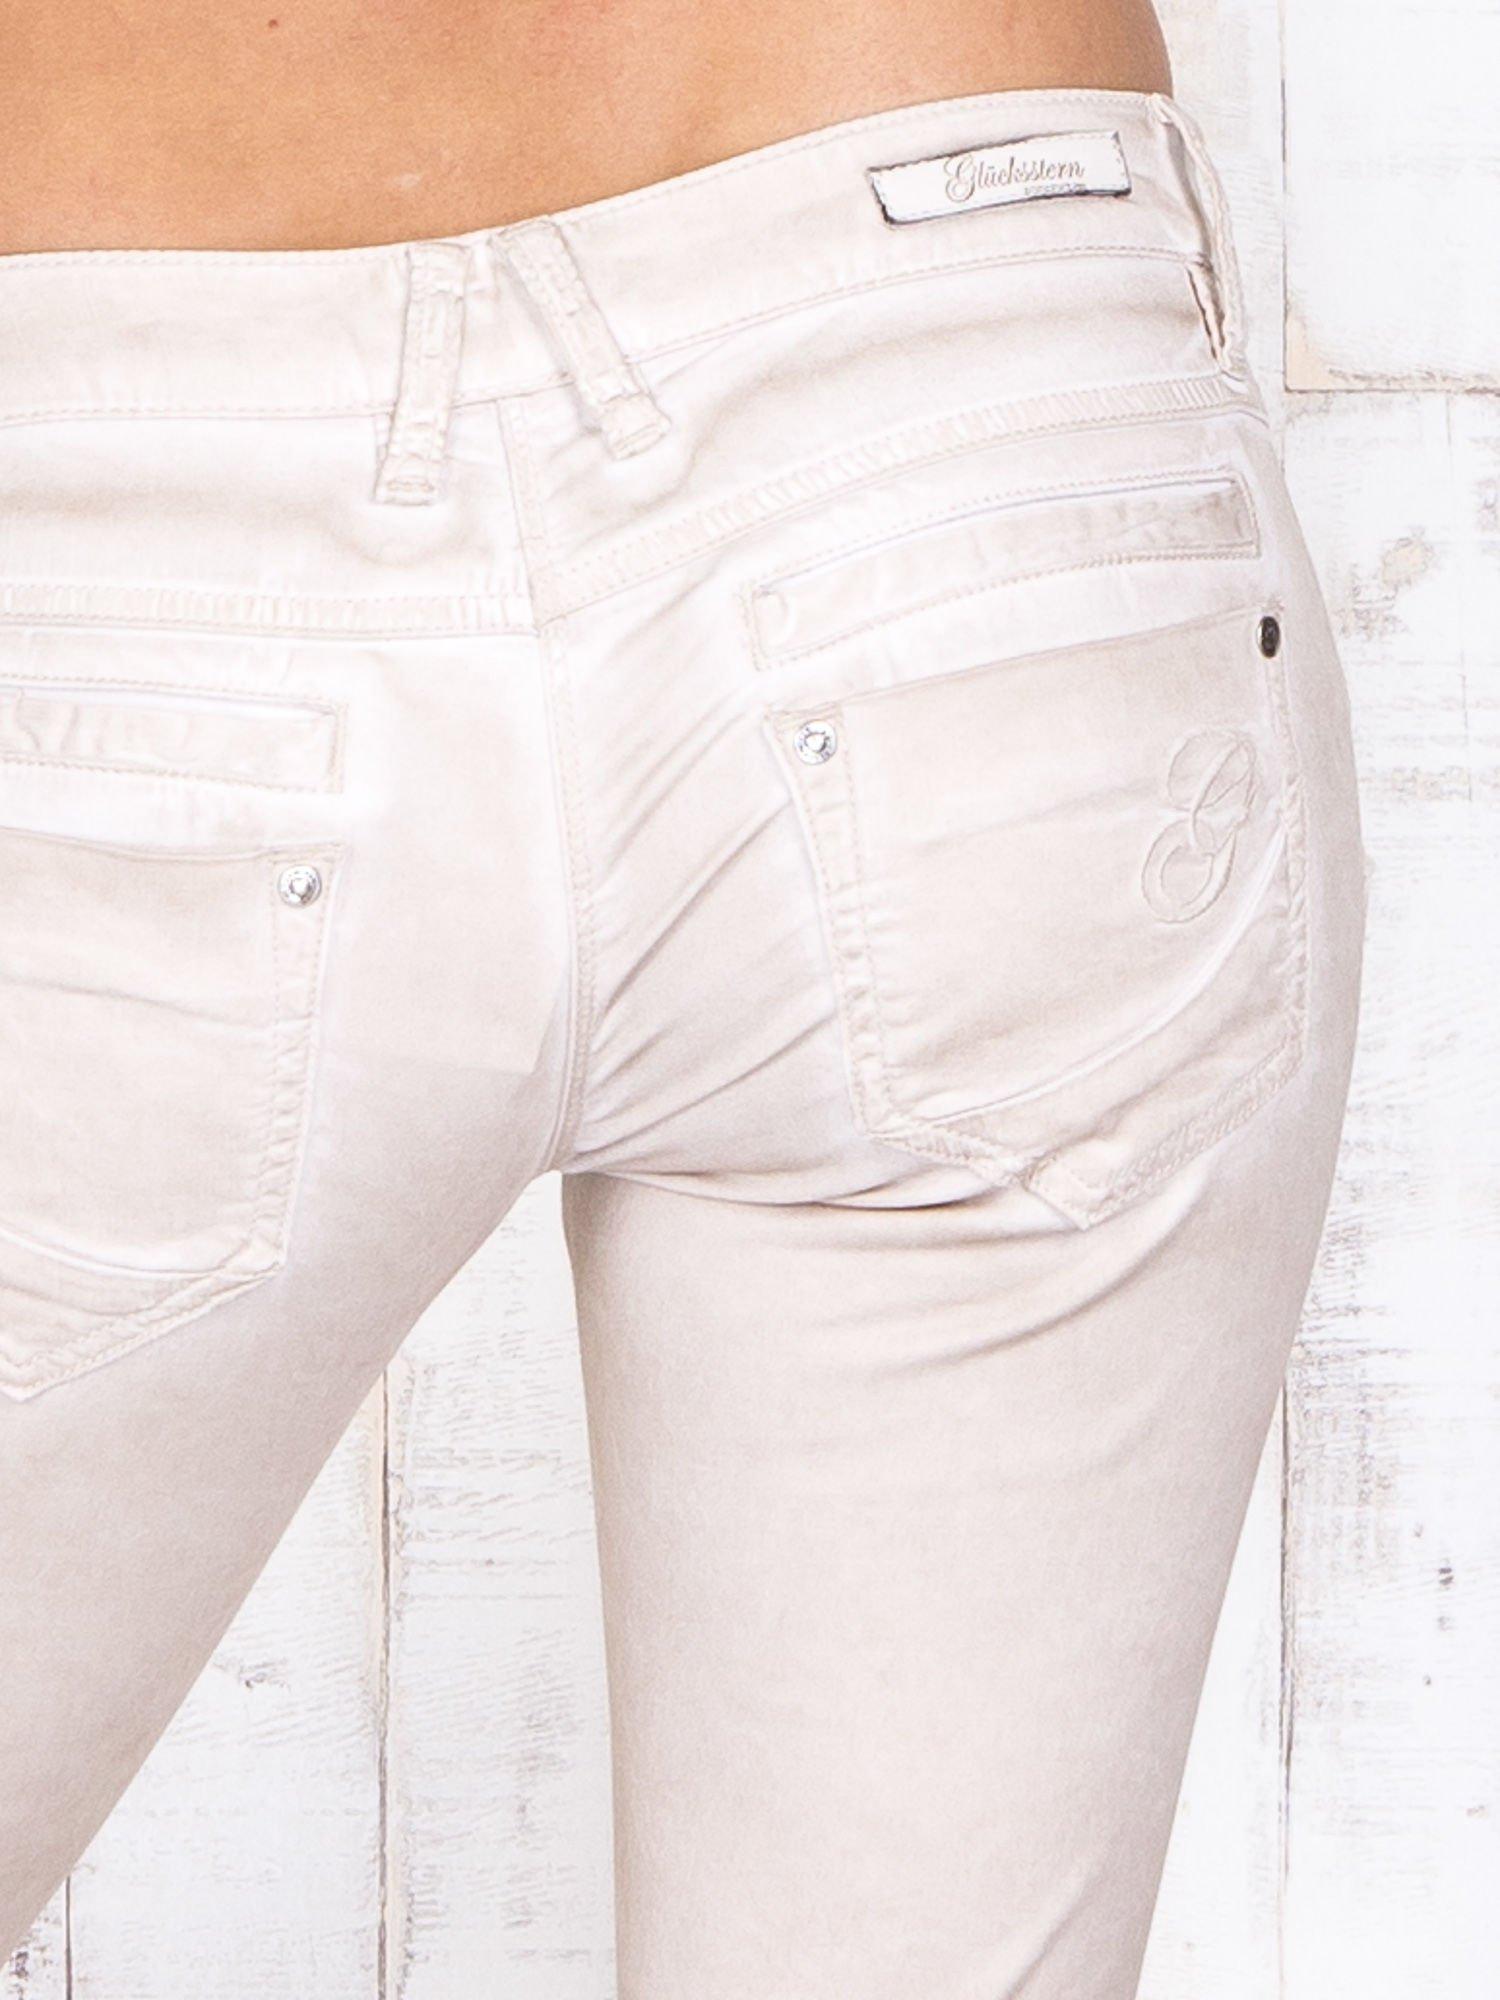 Kremowe materiałowe spodnie skinny z dekatyzacją i suwakami                                  zdj.                                  5